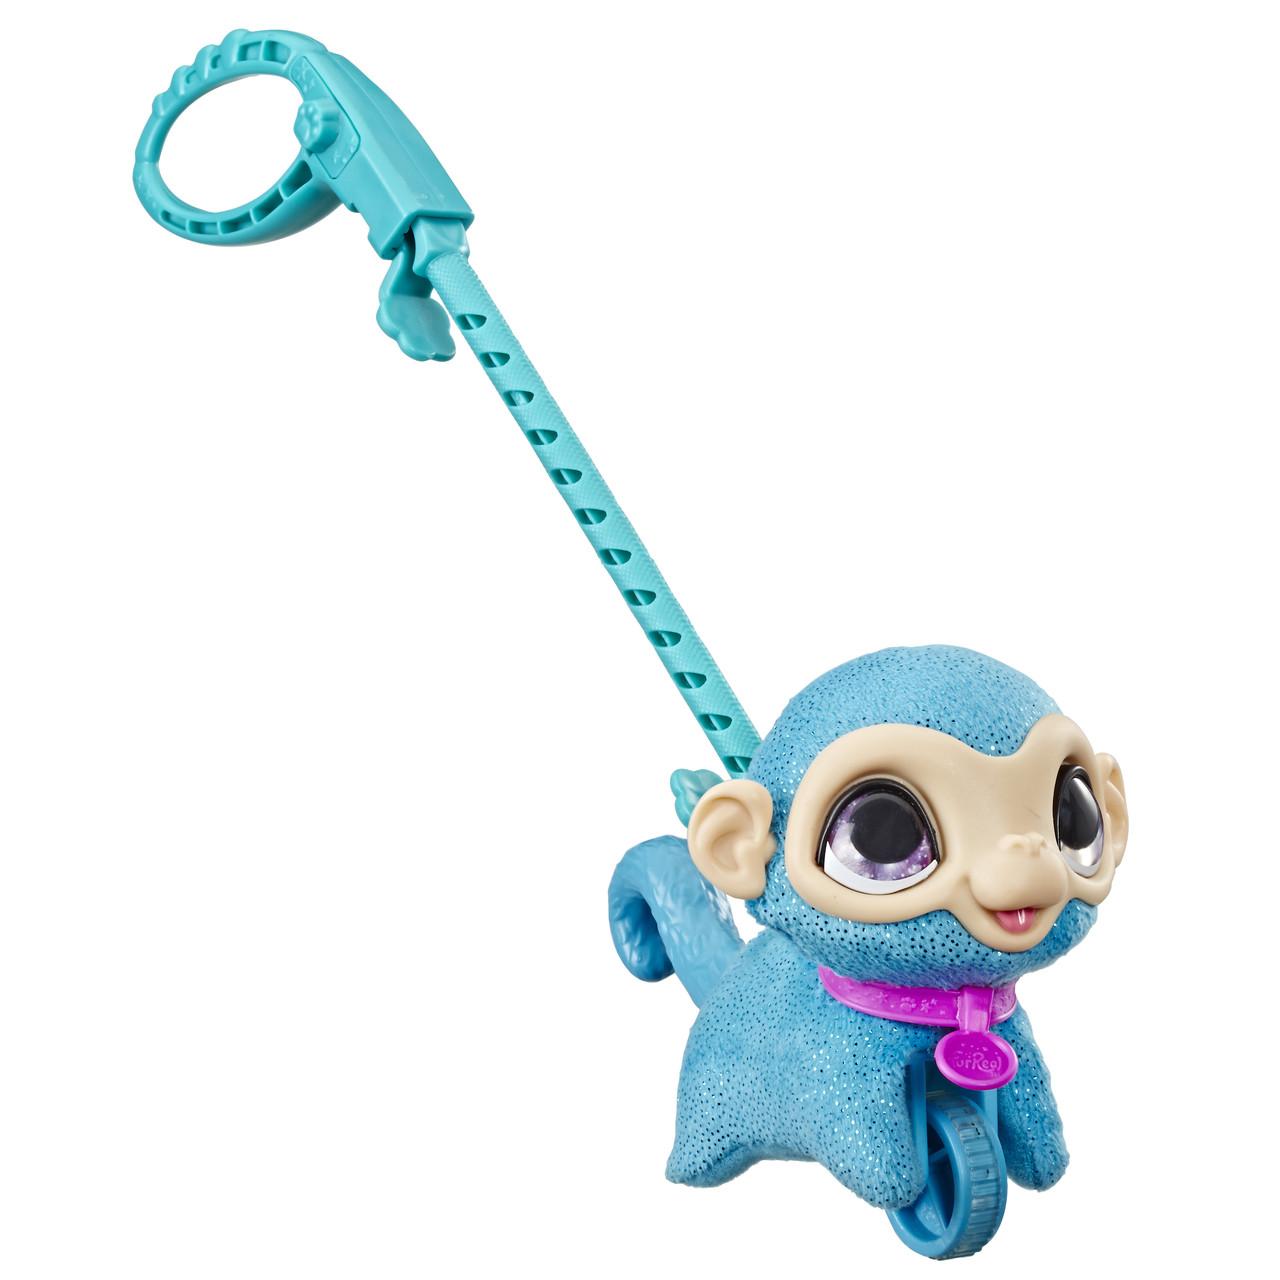 Hasbro Интерактивная игрушка Фурриал Френдс маленький питомец на поводке Обезьянка